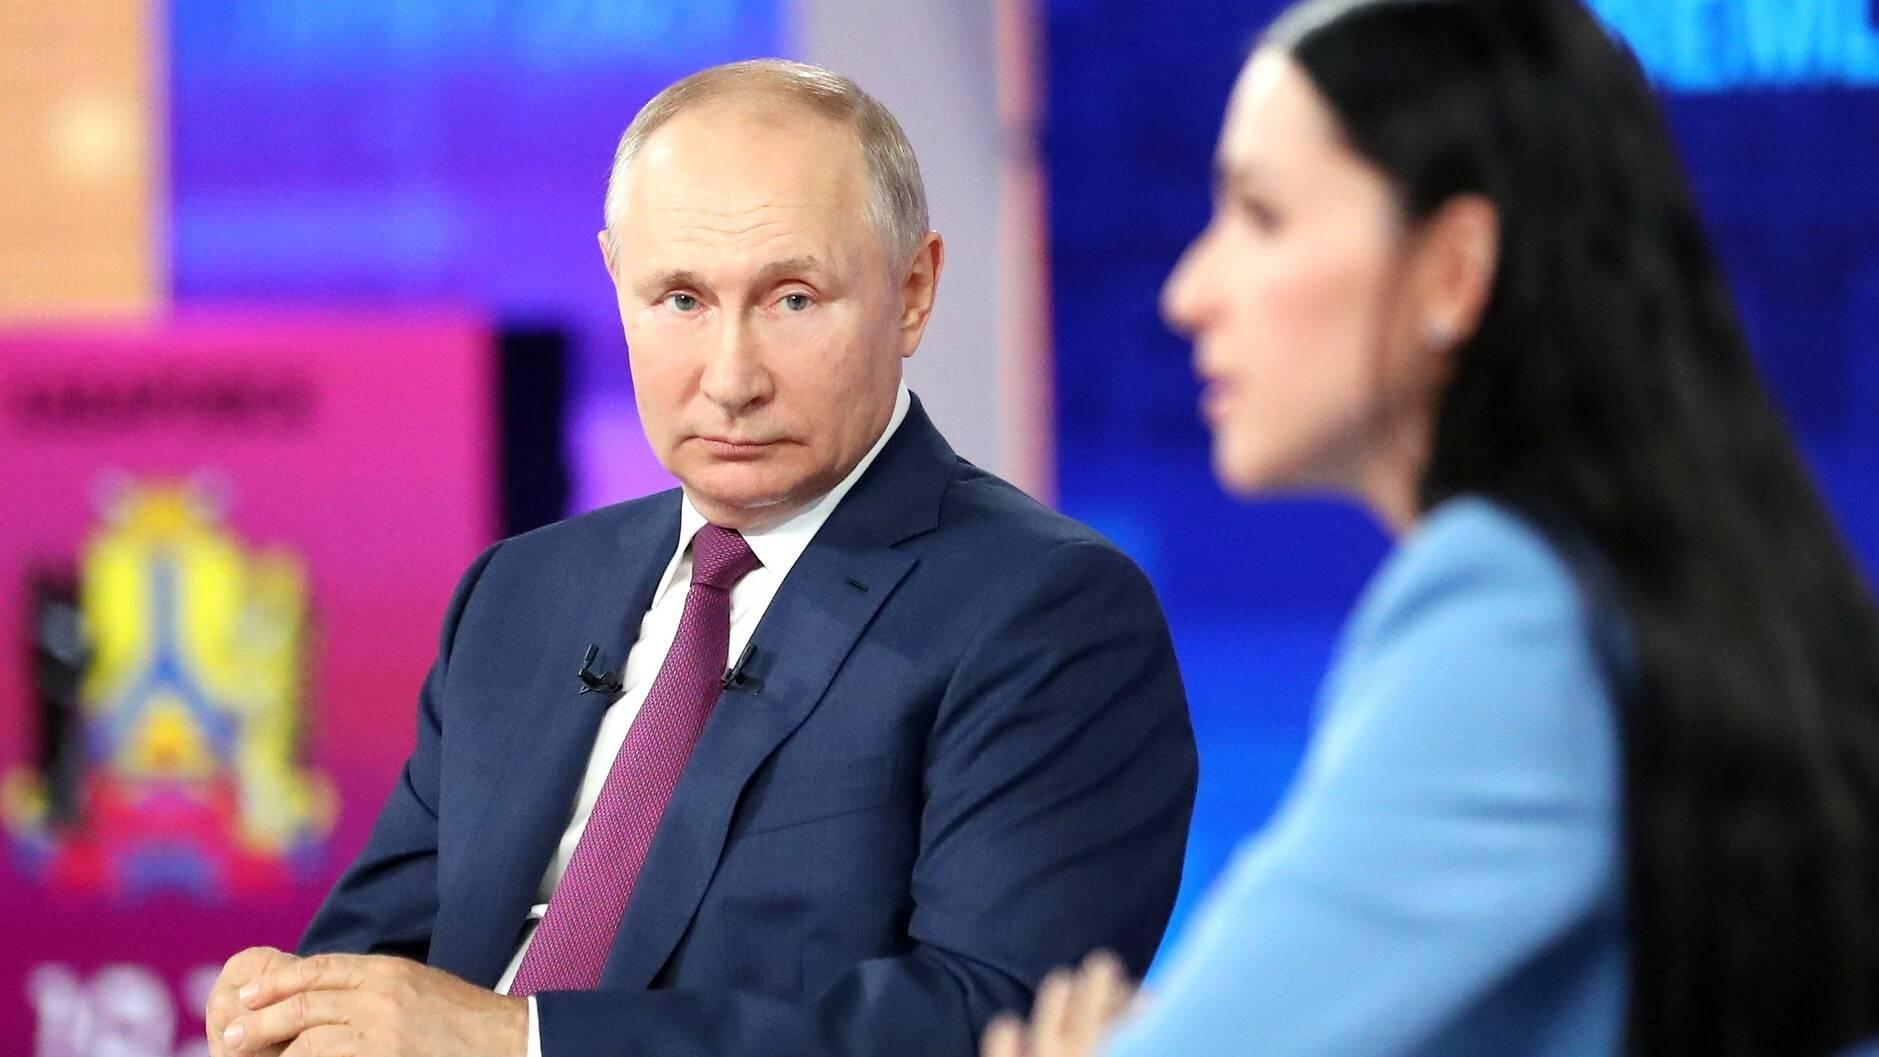 Зашевелились: Почему власти и силовики начали реагировать на проблемы людей только после прямой линии с президентом РФ